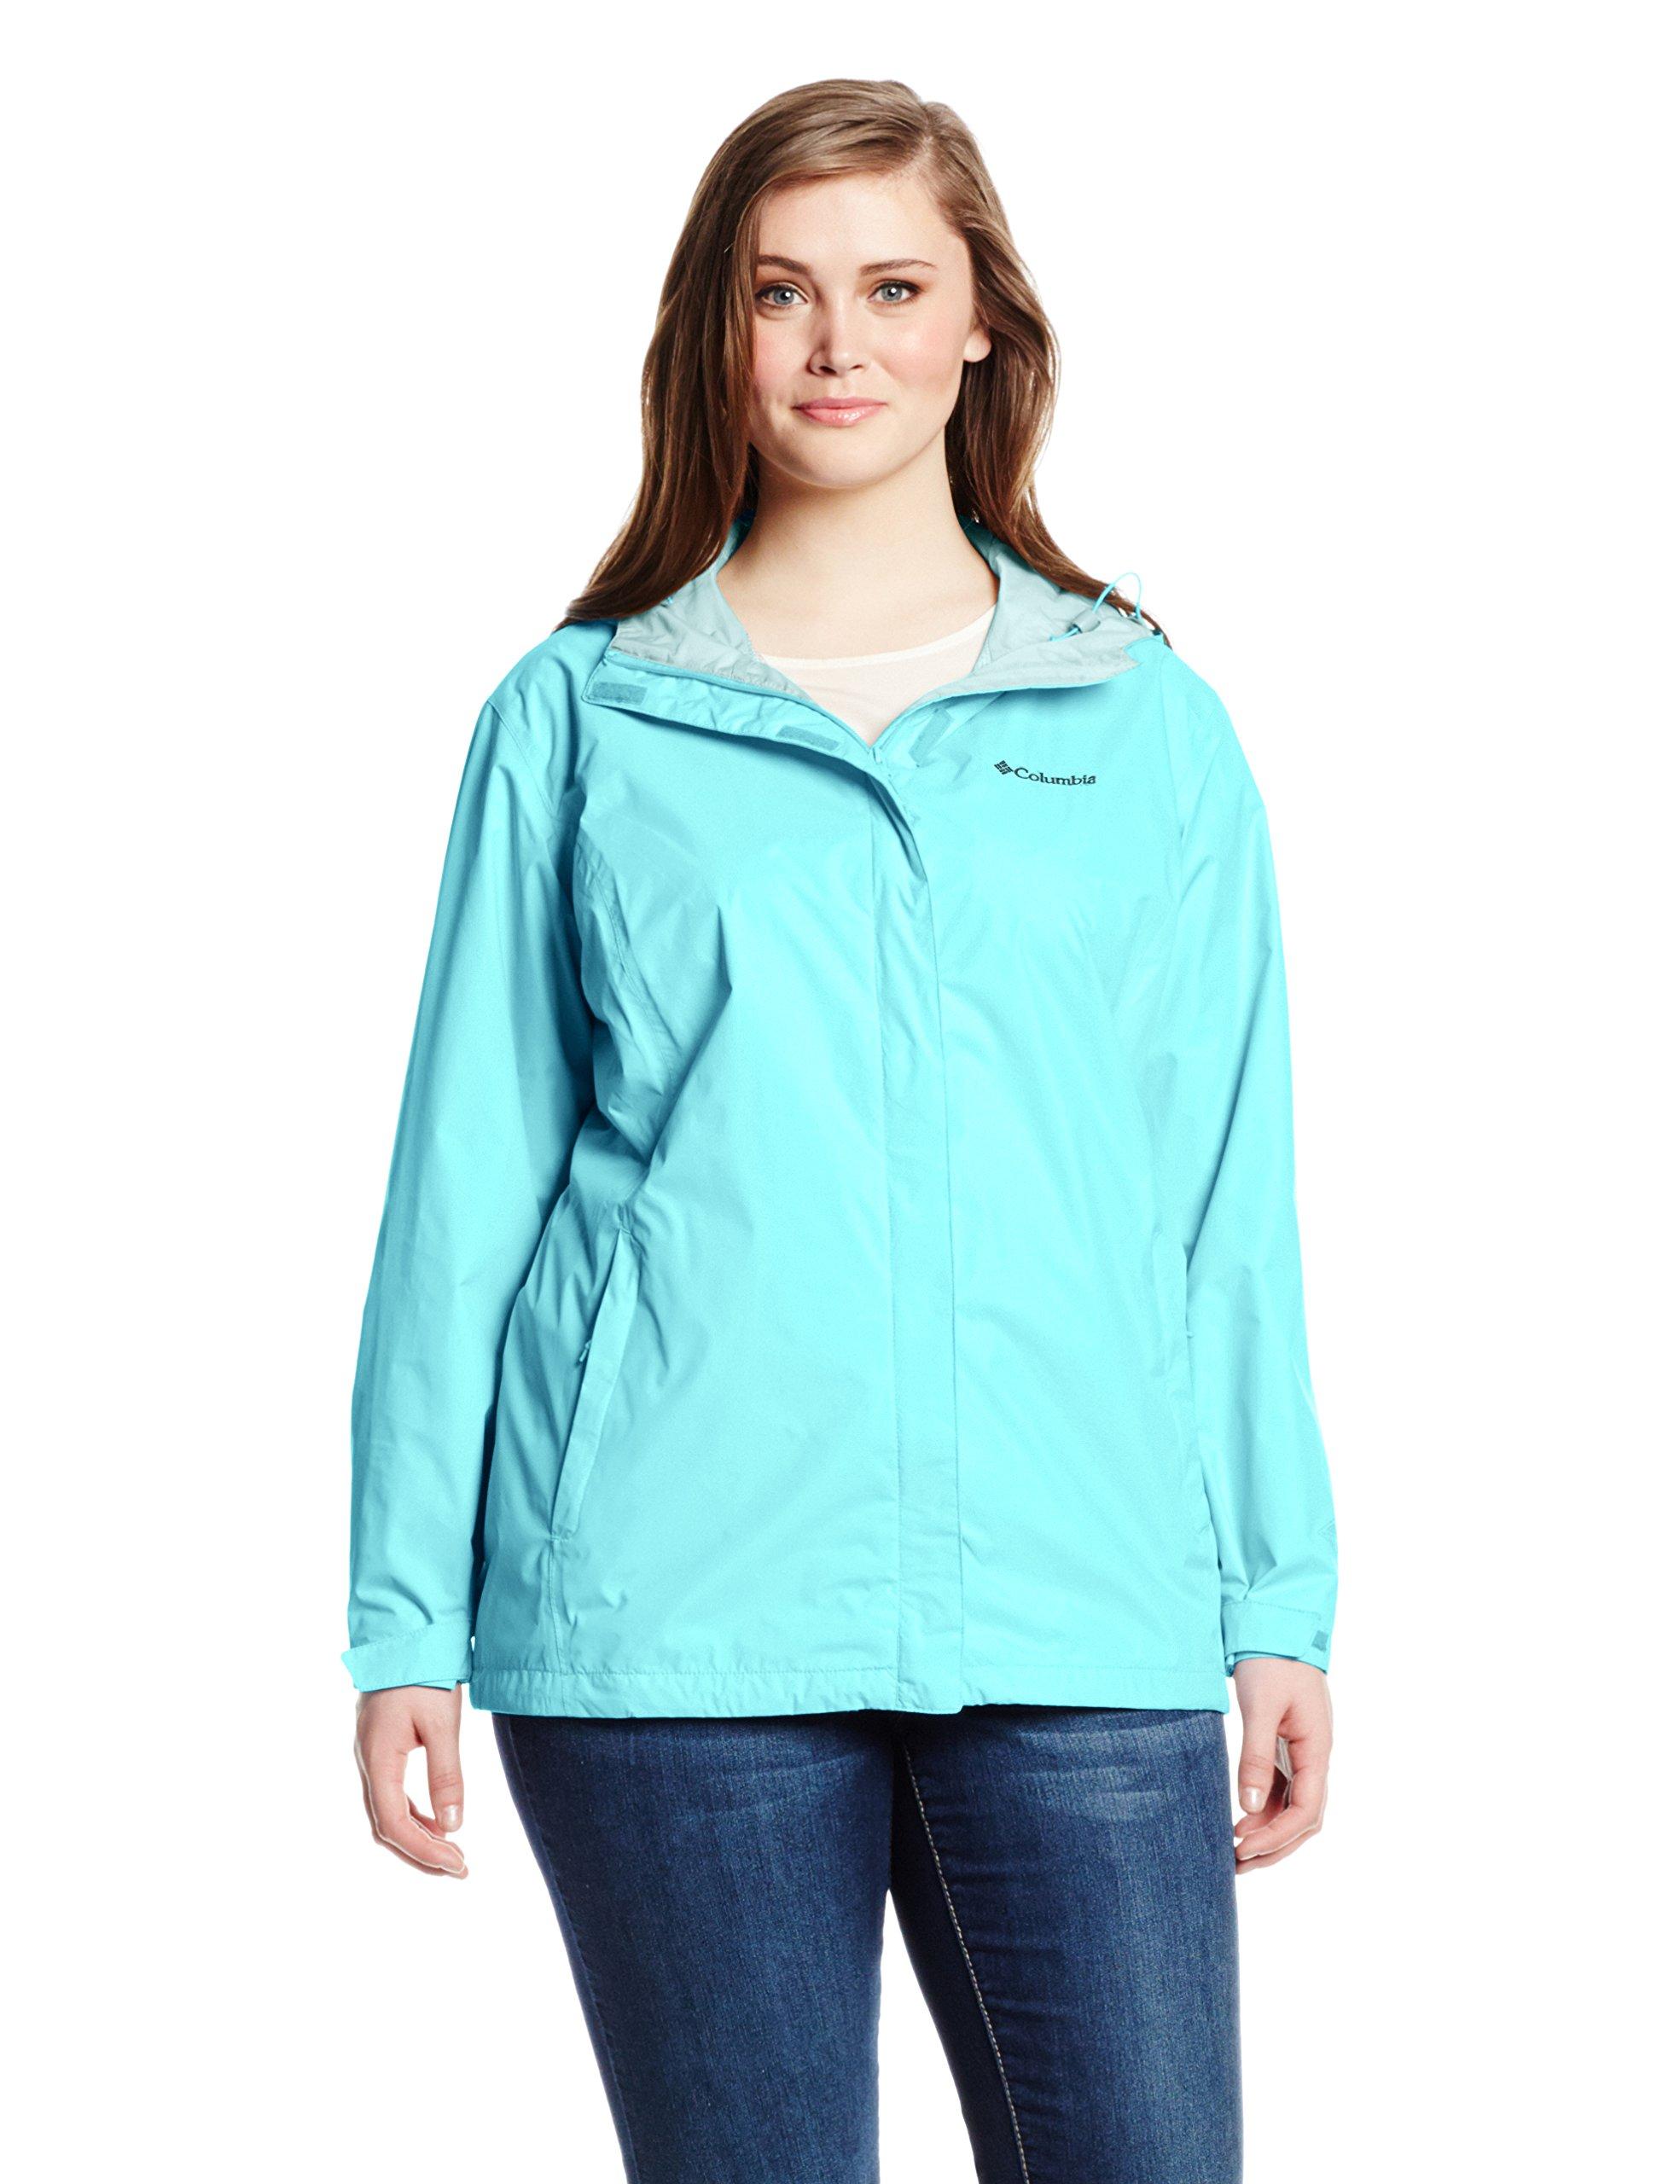 Columbia Women's Plus Size Big Arcadia II Jacket, Iceberg, 2X